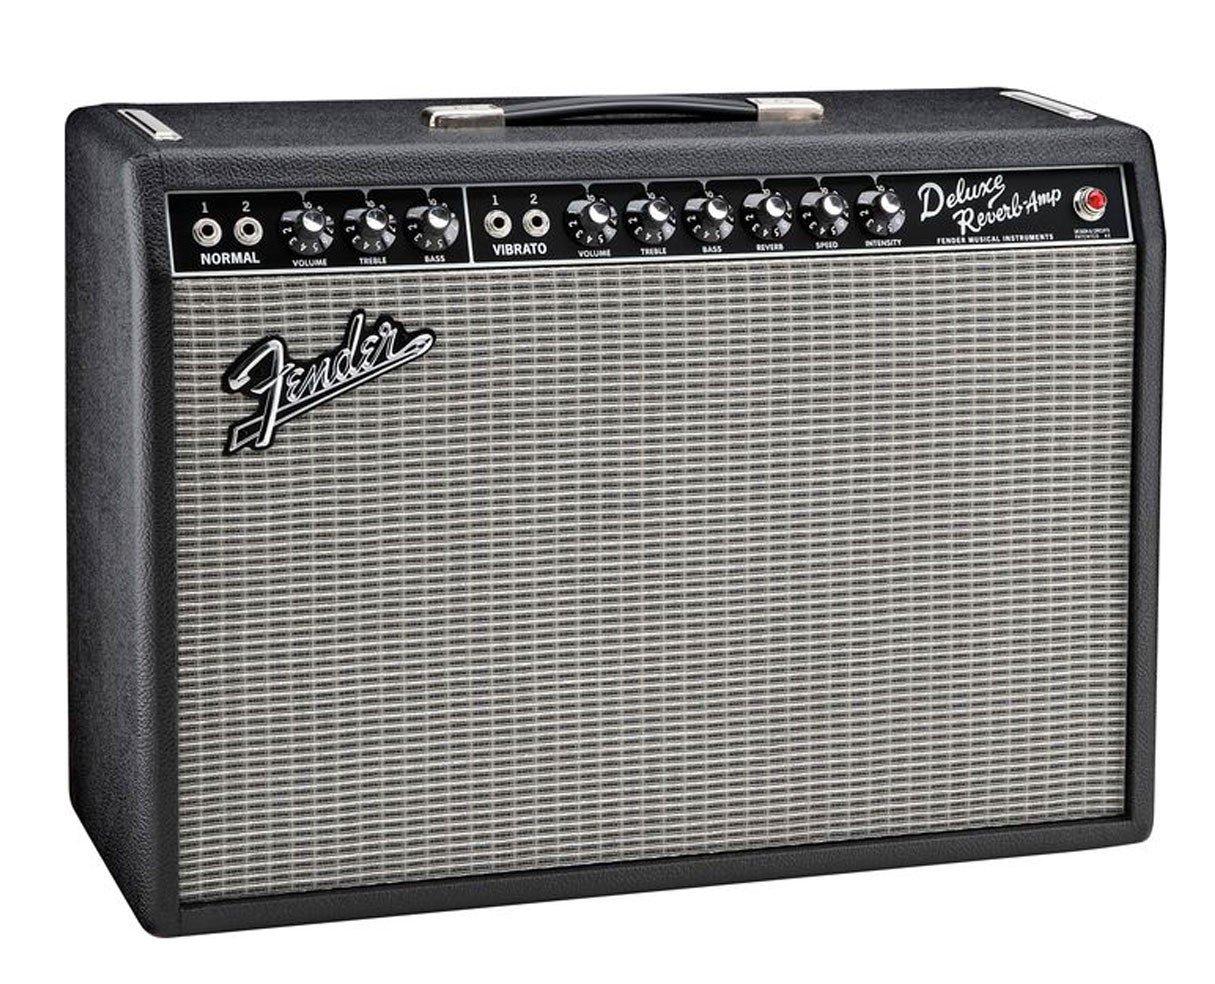 Fender '65 Deluxe Reverb 22W 1x12 Tube Combo Amp